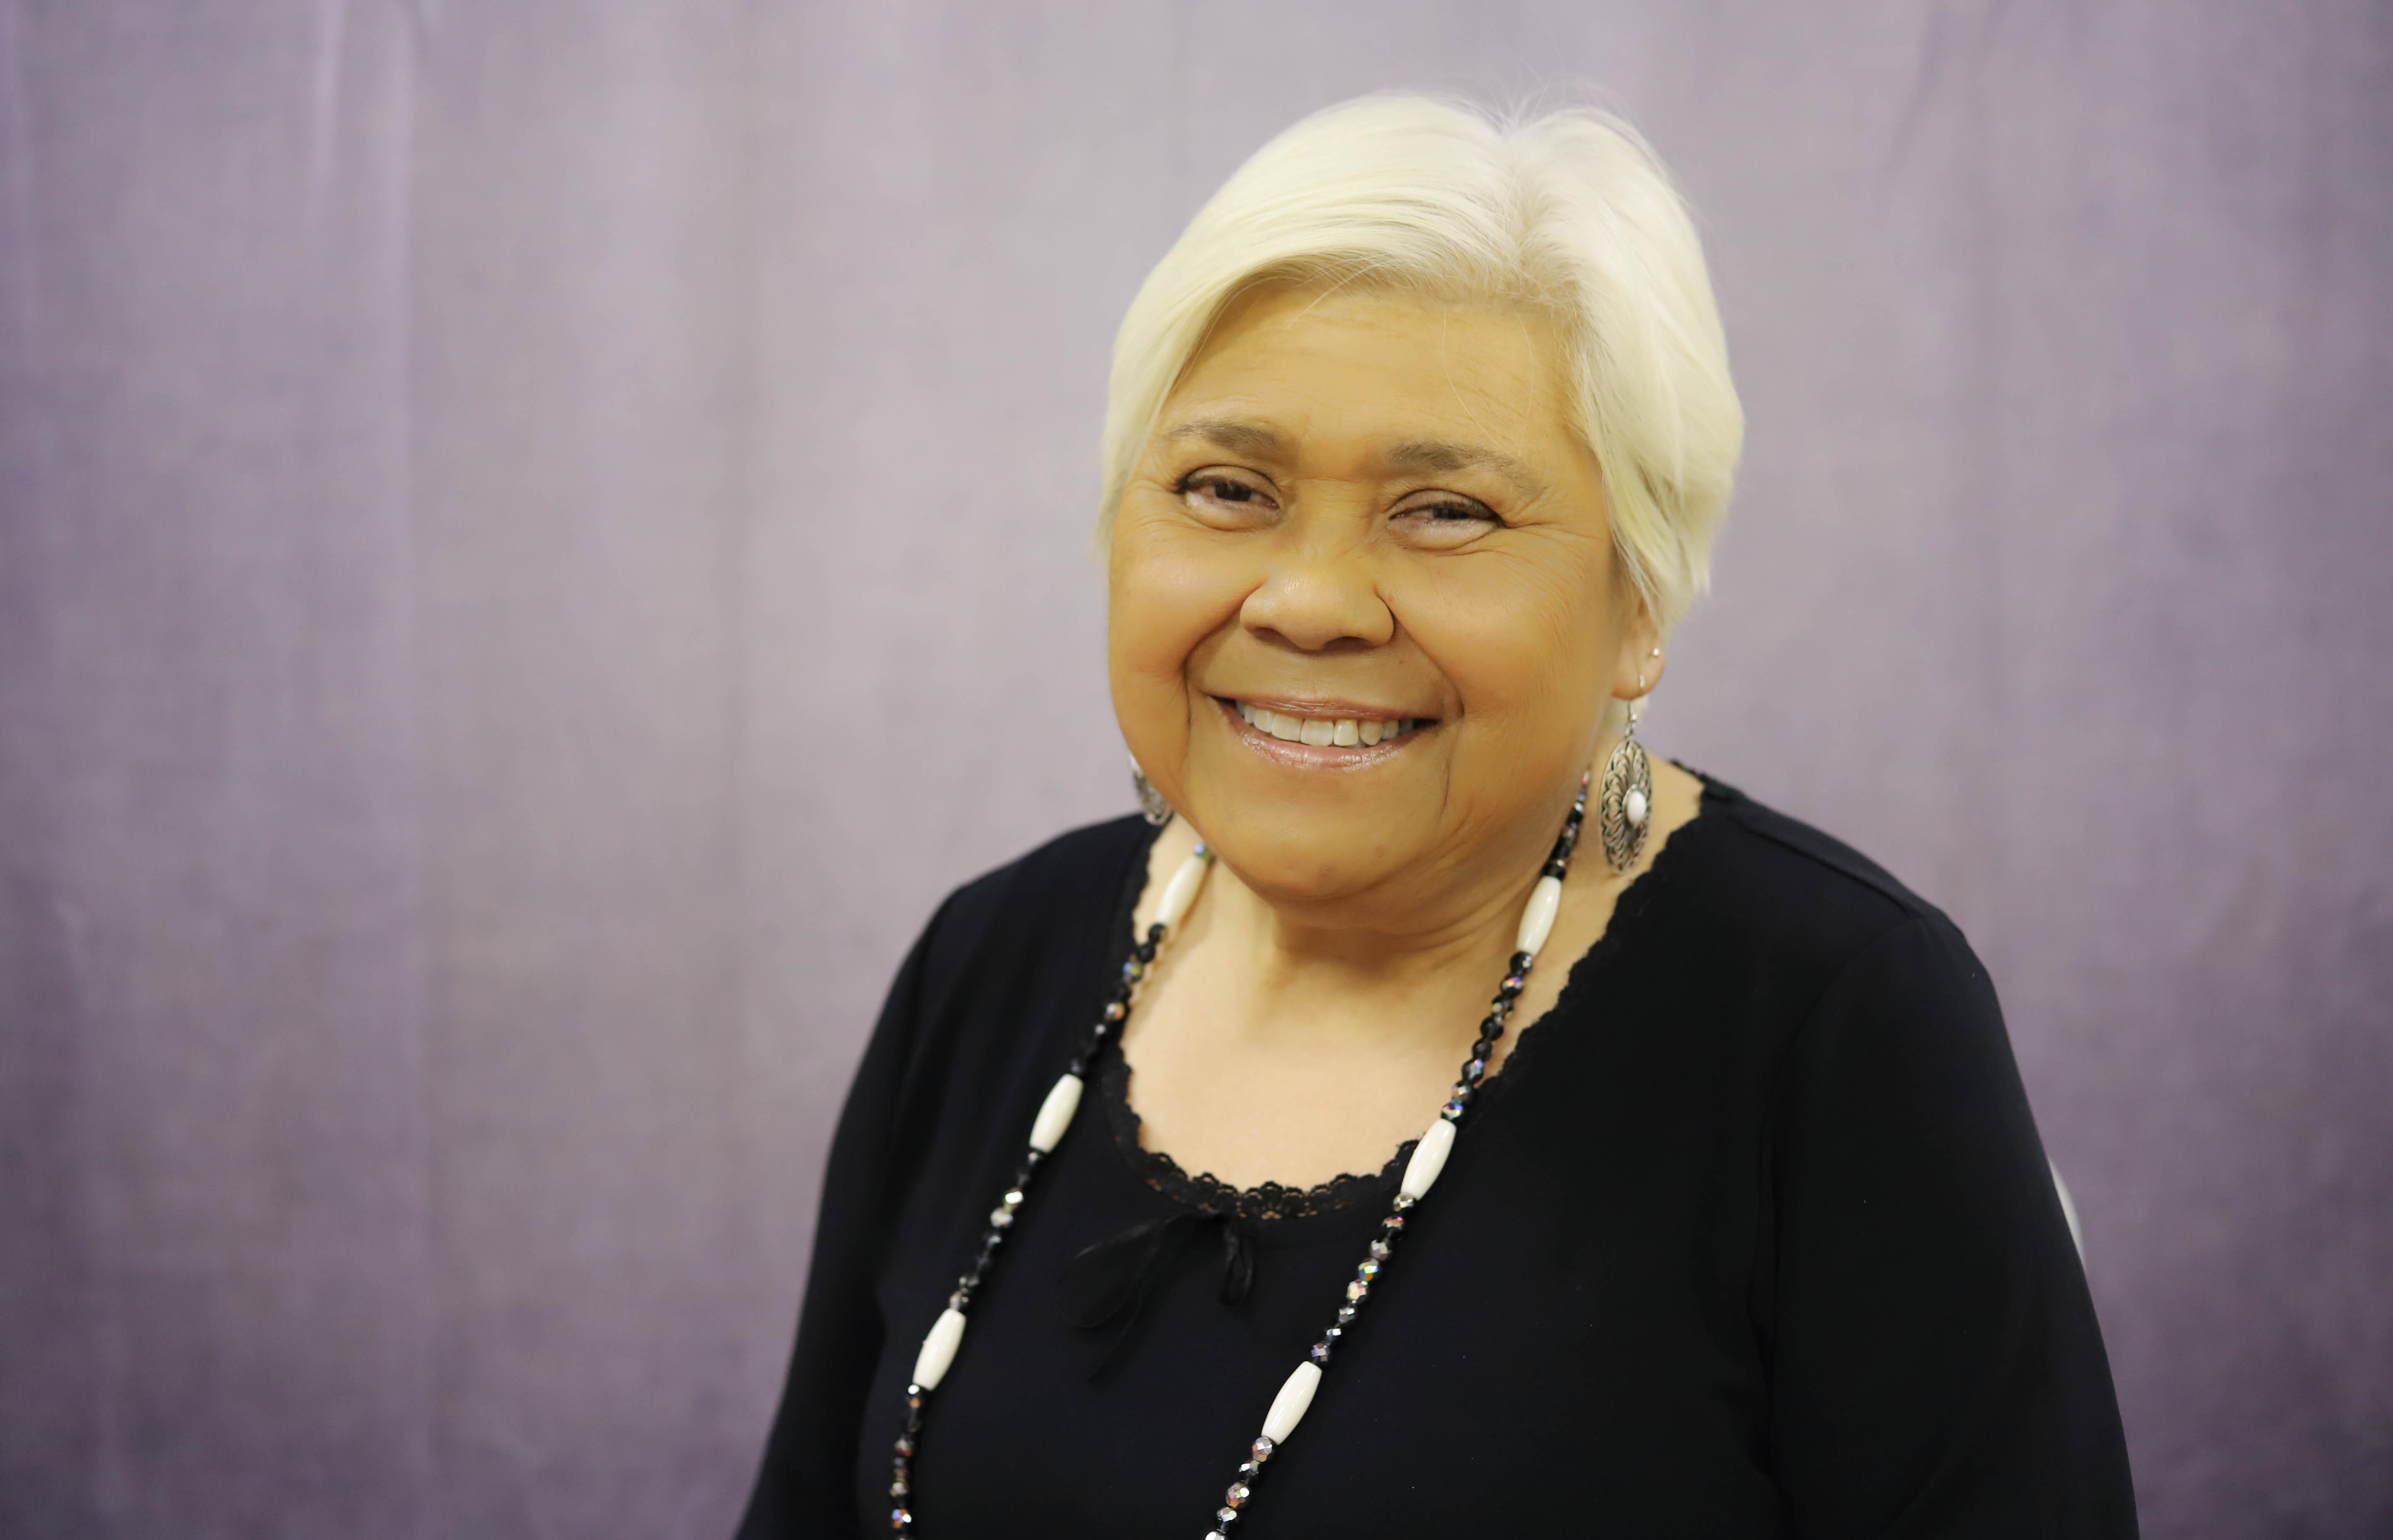 Anne Marshall, cujo marido, Raymond Johnson, estava entre as 168 pessoas que morreram no bombardeio do edifício federal Alfred P. Murrah, em 1995, em Oklahoma City. Foto cortesia da Conferência Missionária Indígena de Oklahoma.